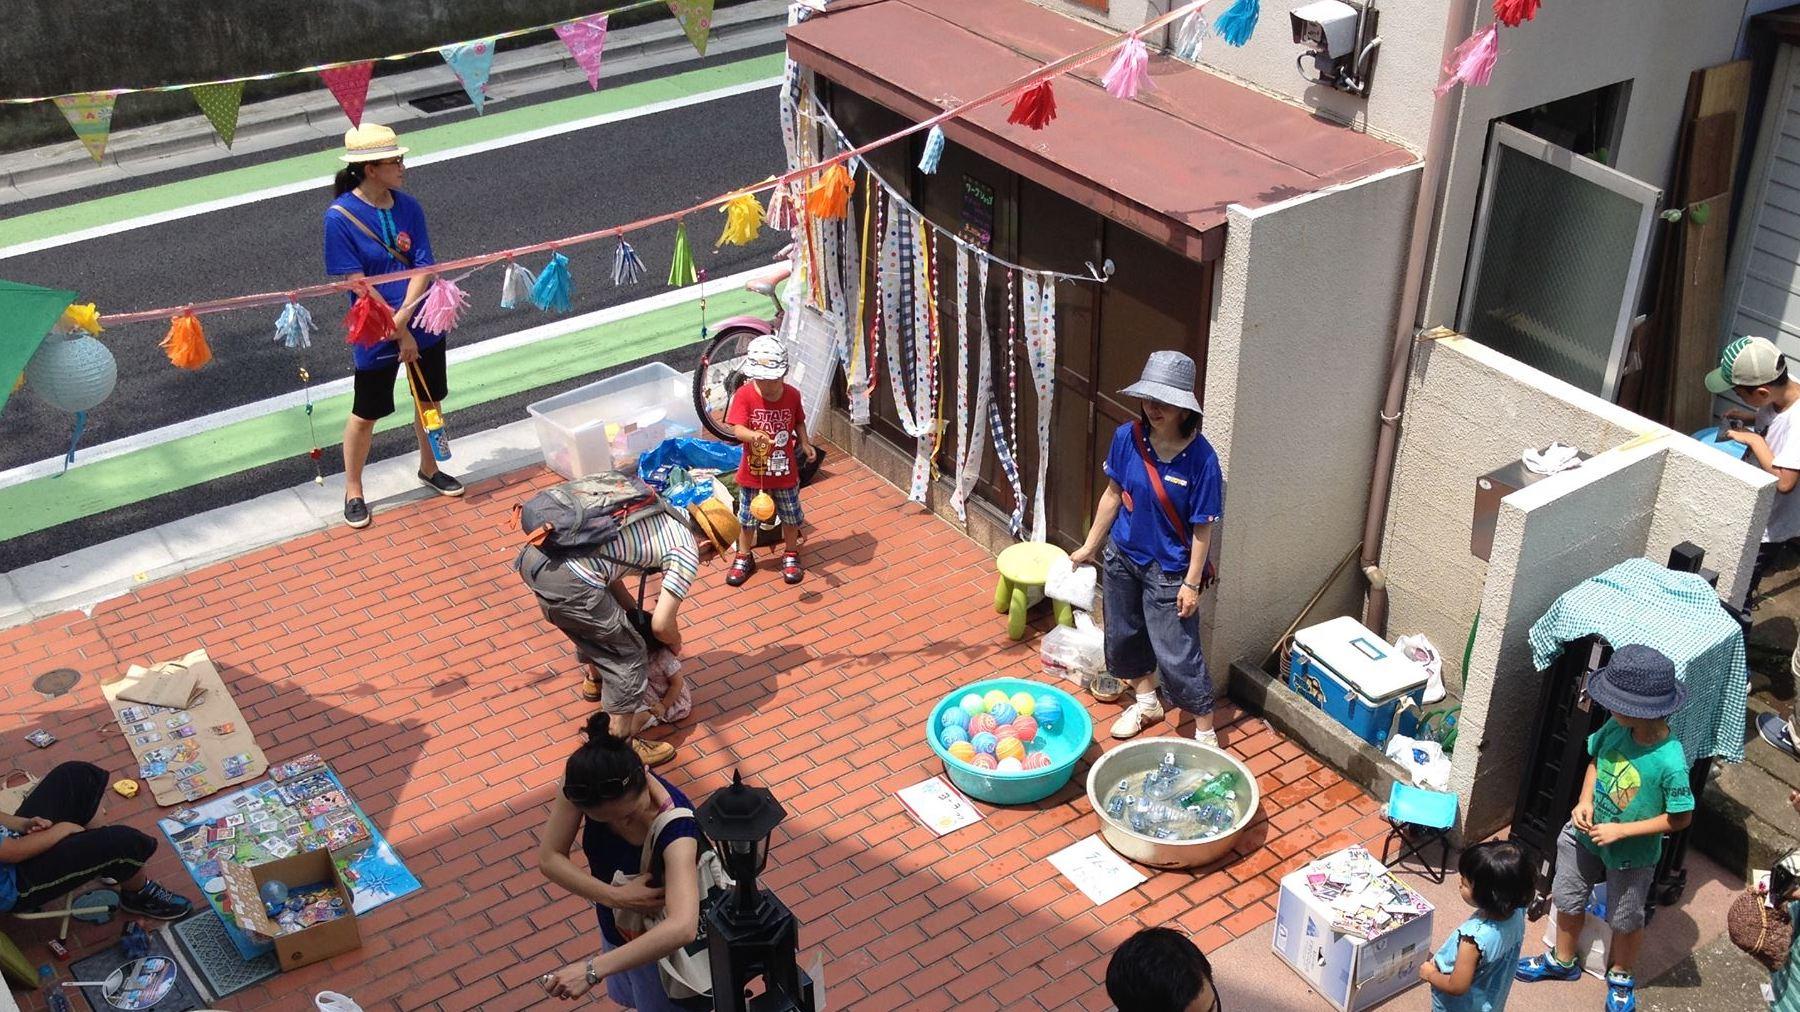 【まち】ママが集う茶話会から、まちの人のつながりを育む「広場」へ/ツチノコ広場